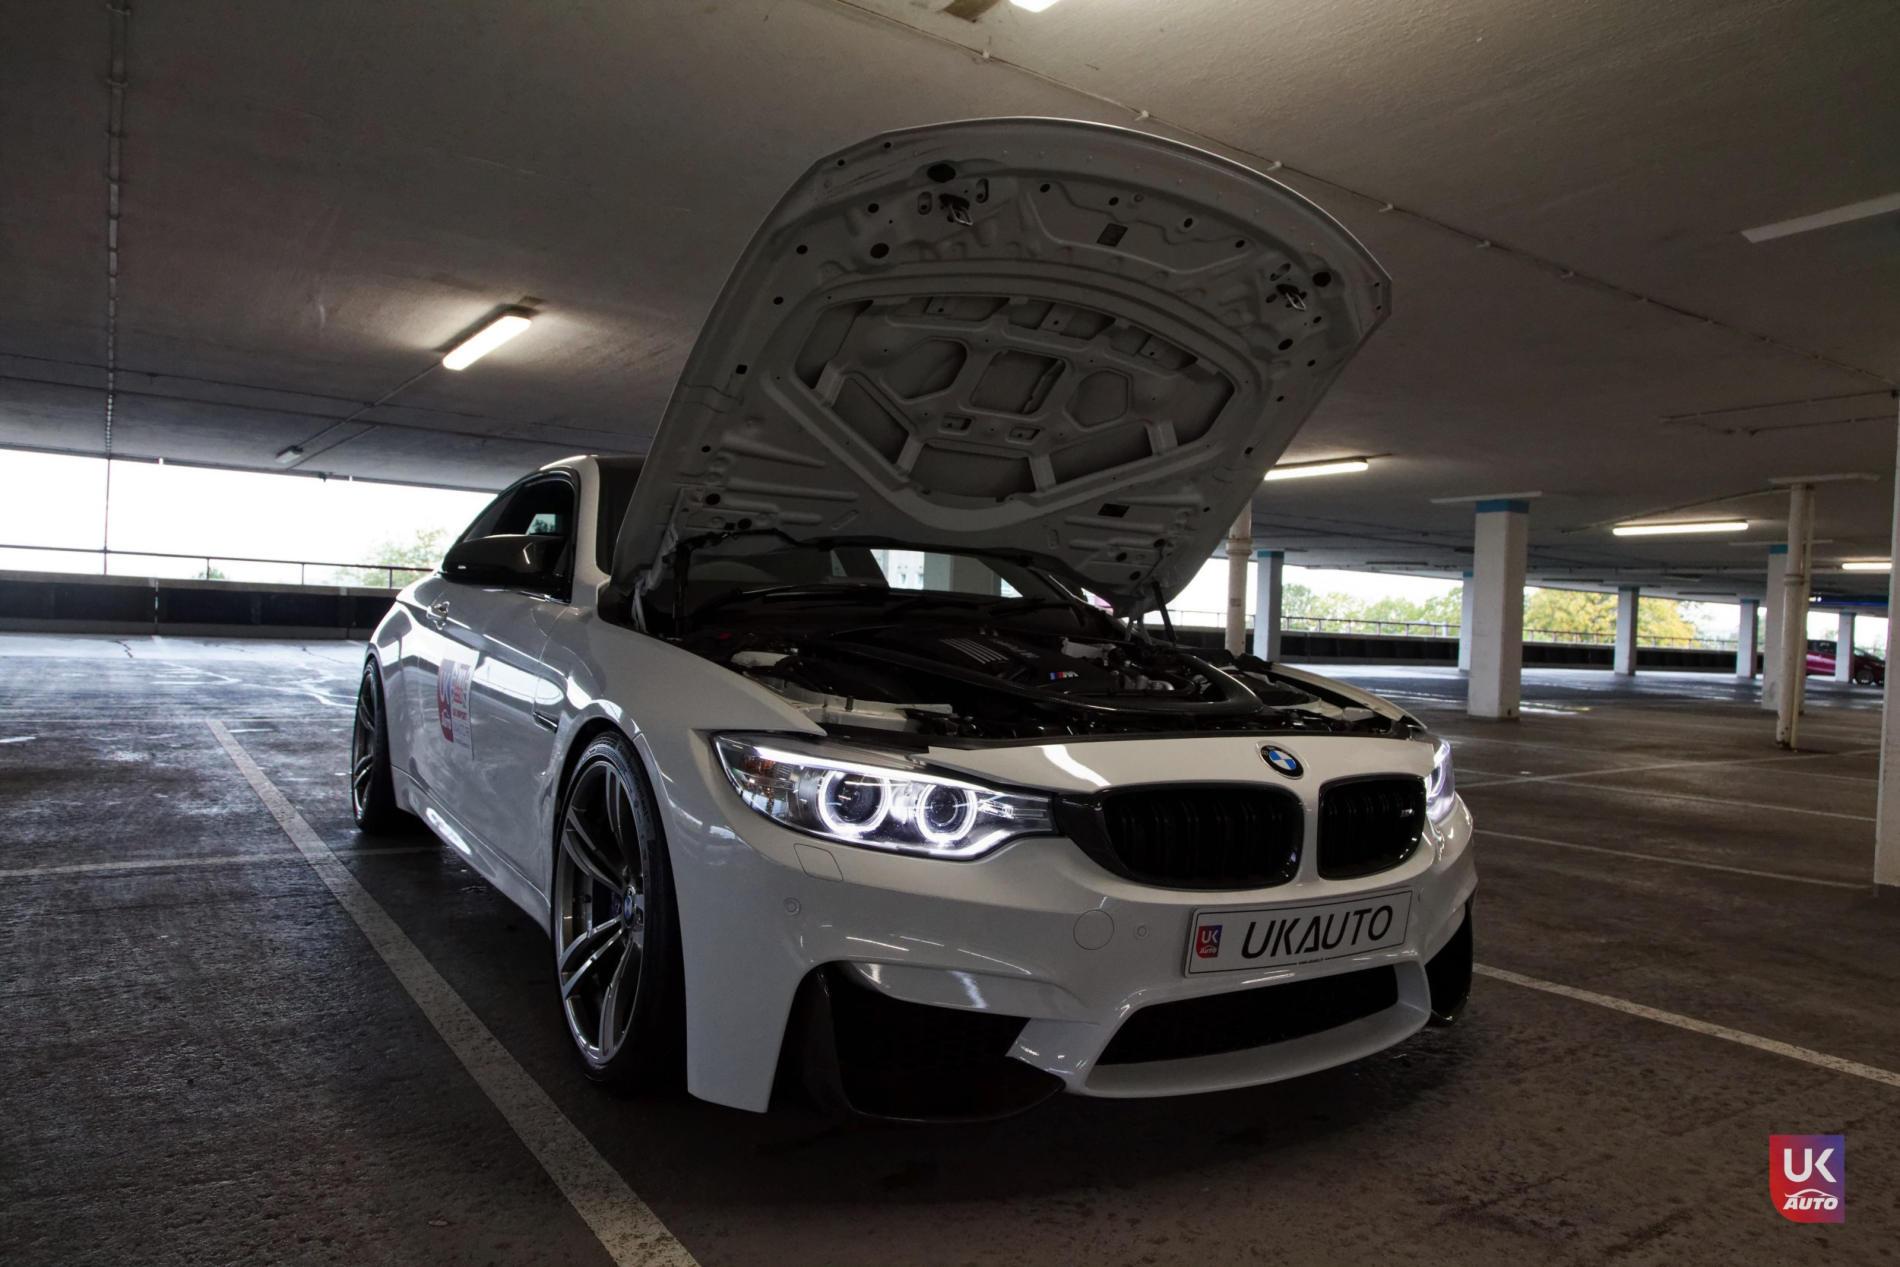 BMW M4 UK IMPORTATION M4 ANGLETERRE LIVRAISON DE CETTE BMW POUR NOTRE CLIENT POUR CETTE M4 RHD PAR UKAUTO10 - BMW M4 UK IMPORTATION M4 ANGLETERRE LIVRAISON DE CETTE BMW POUR NOTRE CLIENT POUR CETTE M4 RHD FELICITATION A FLORIAN